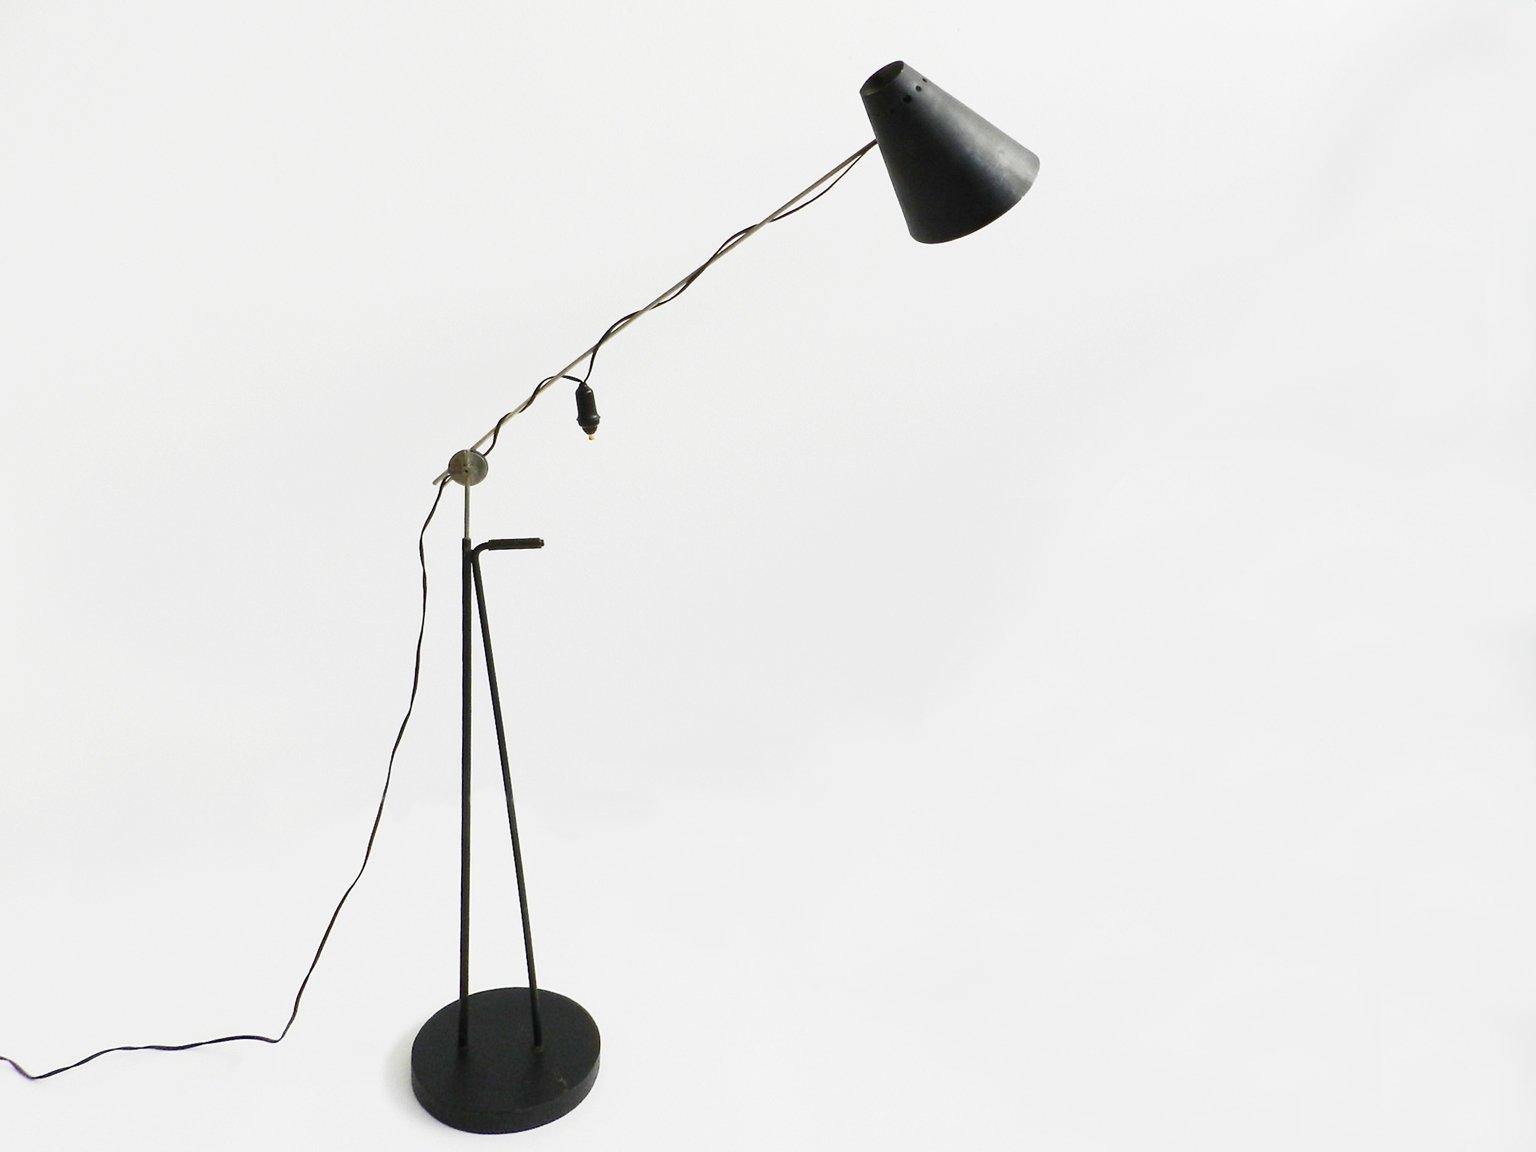 Schweizerische Verstellbare Stehlampe